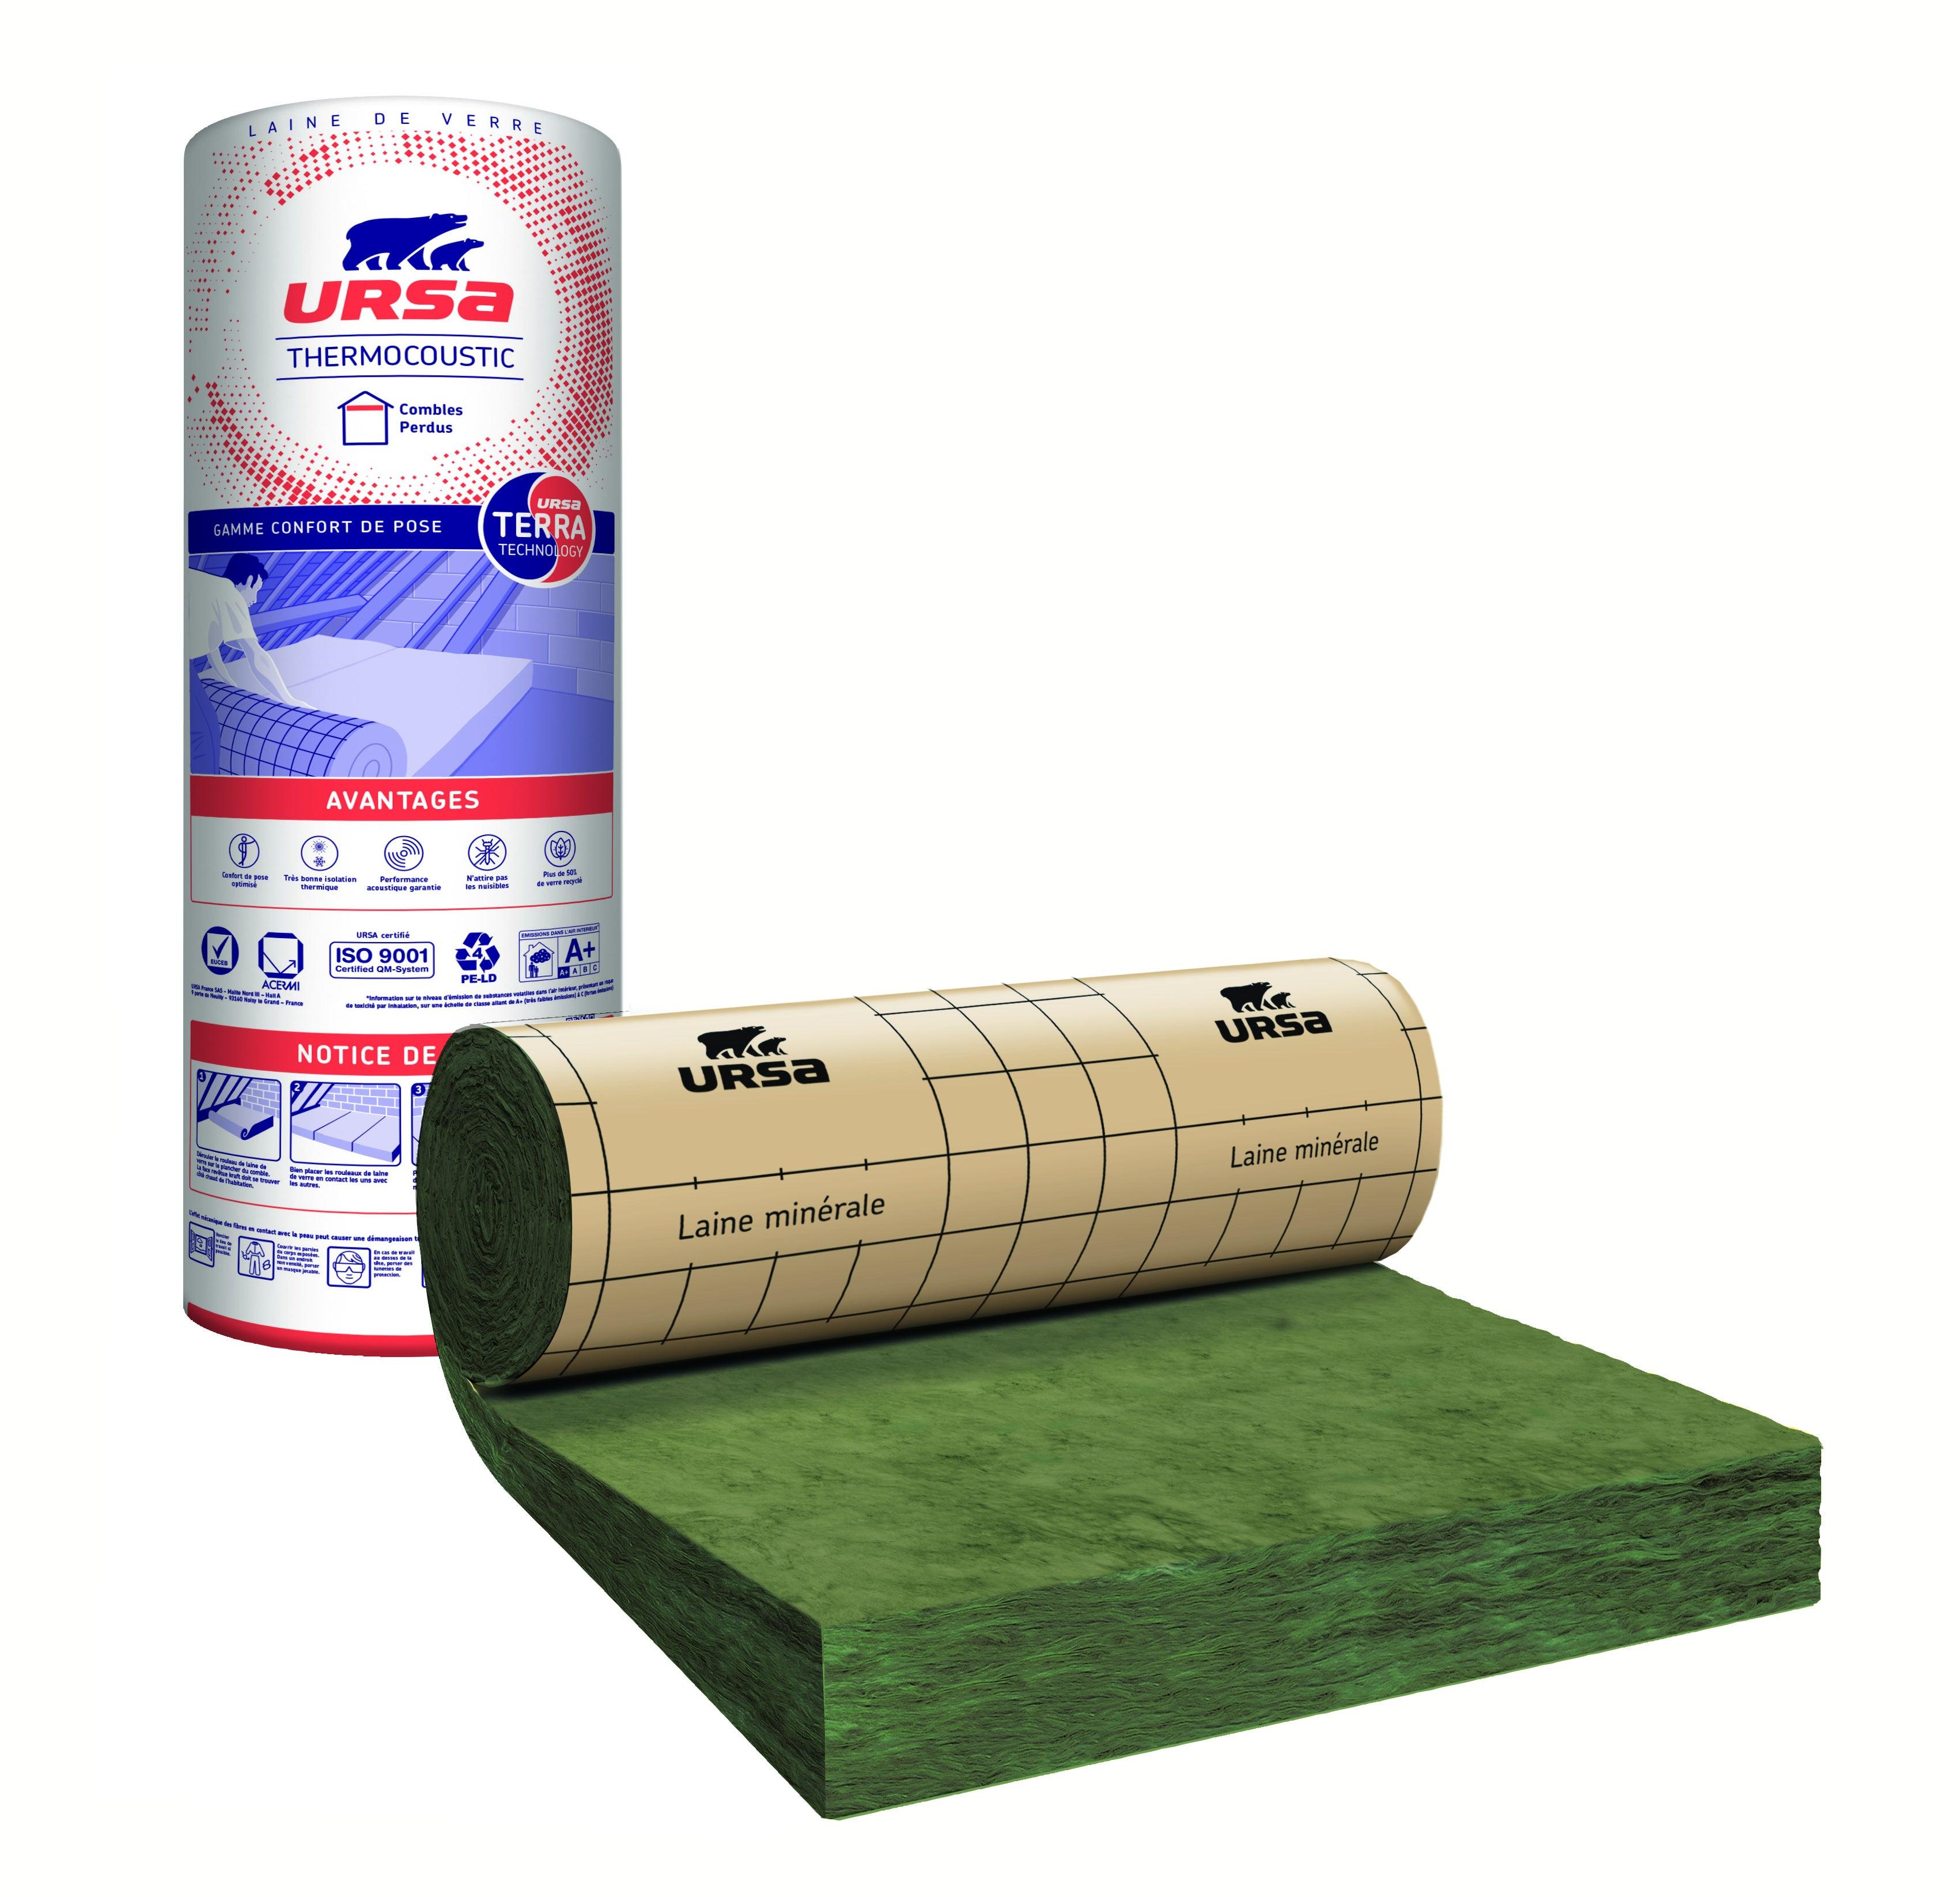 Rouleau laine de verre Thermocoustic 40 kraft URSA 2.80x1.2m Ep.280mm R=7